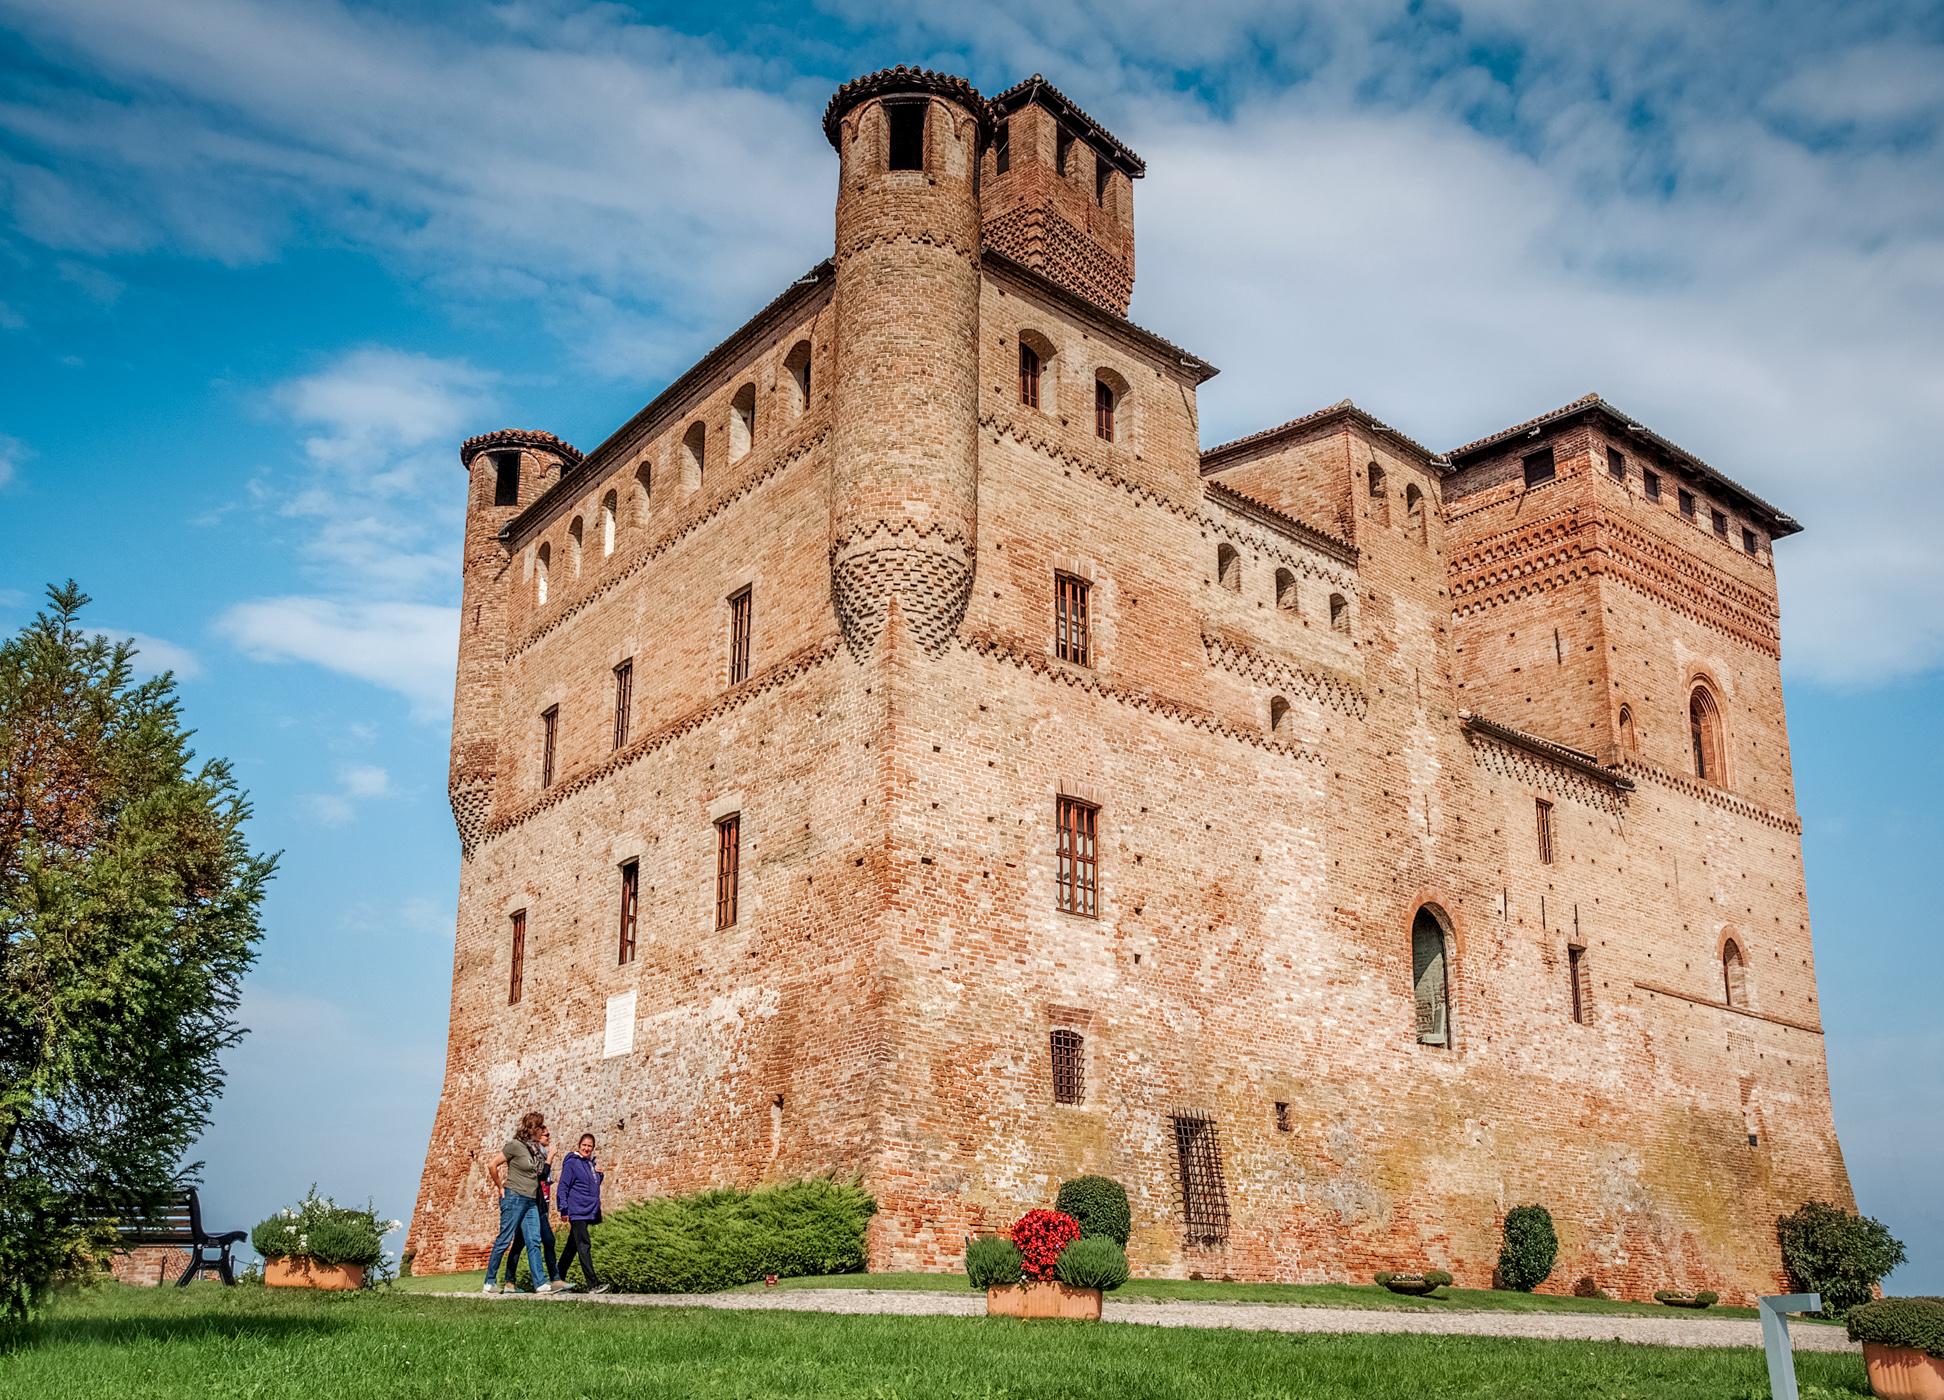 Castello di Grinzane Cavour, Italy